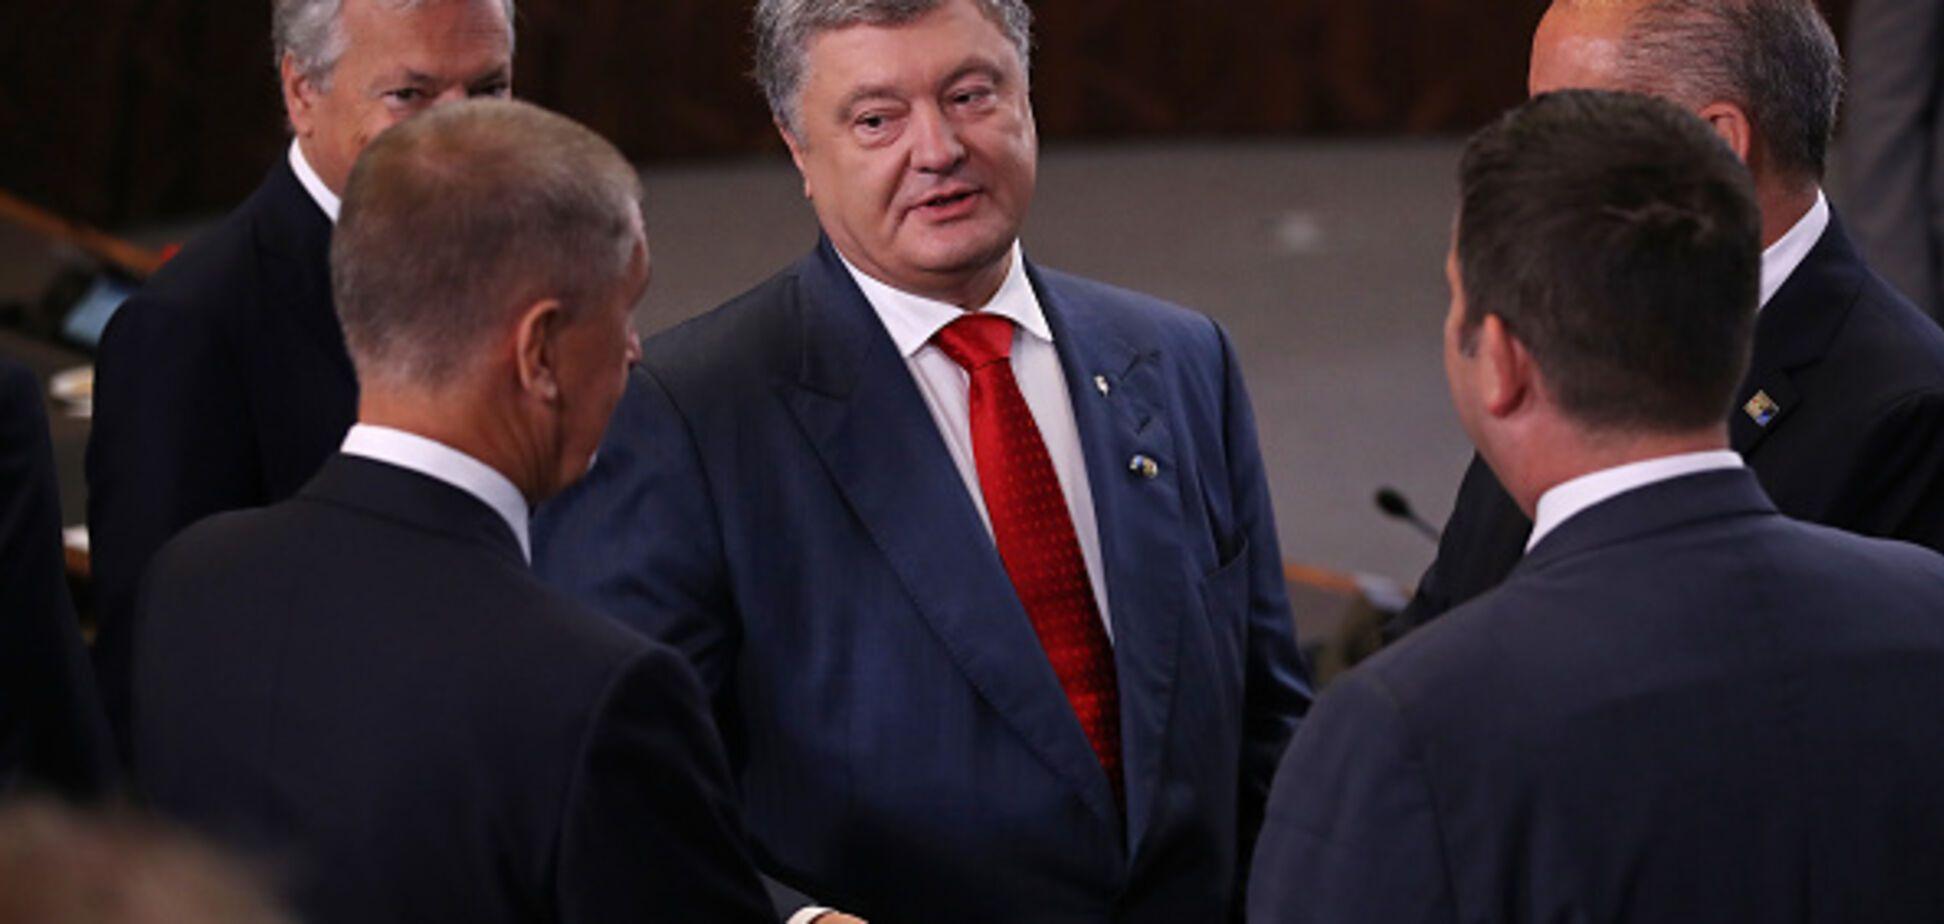 'Остановим!' Порошенко сделал предупреждение газопроводу Путина